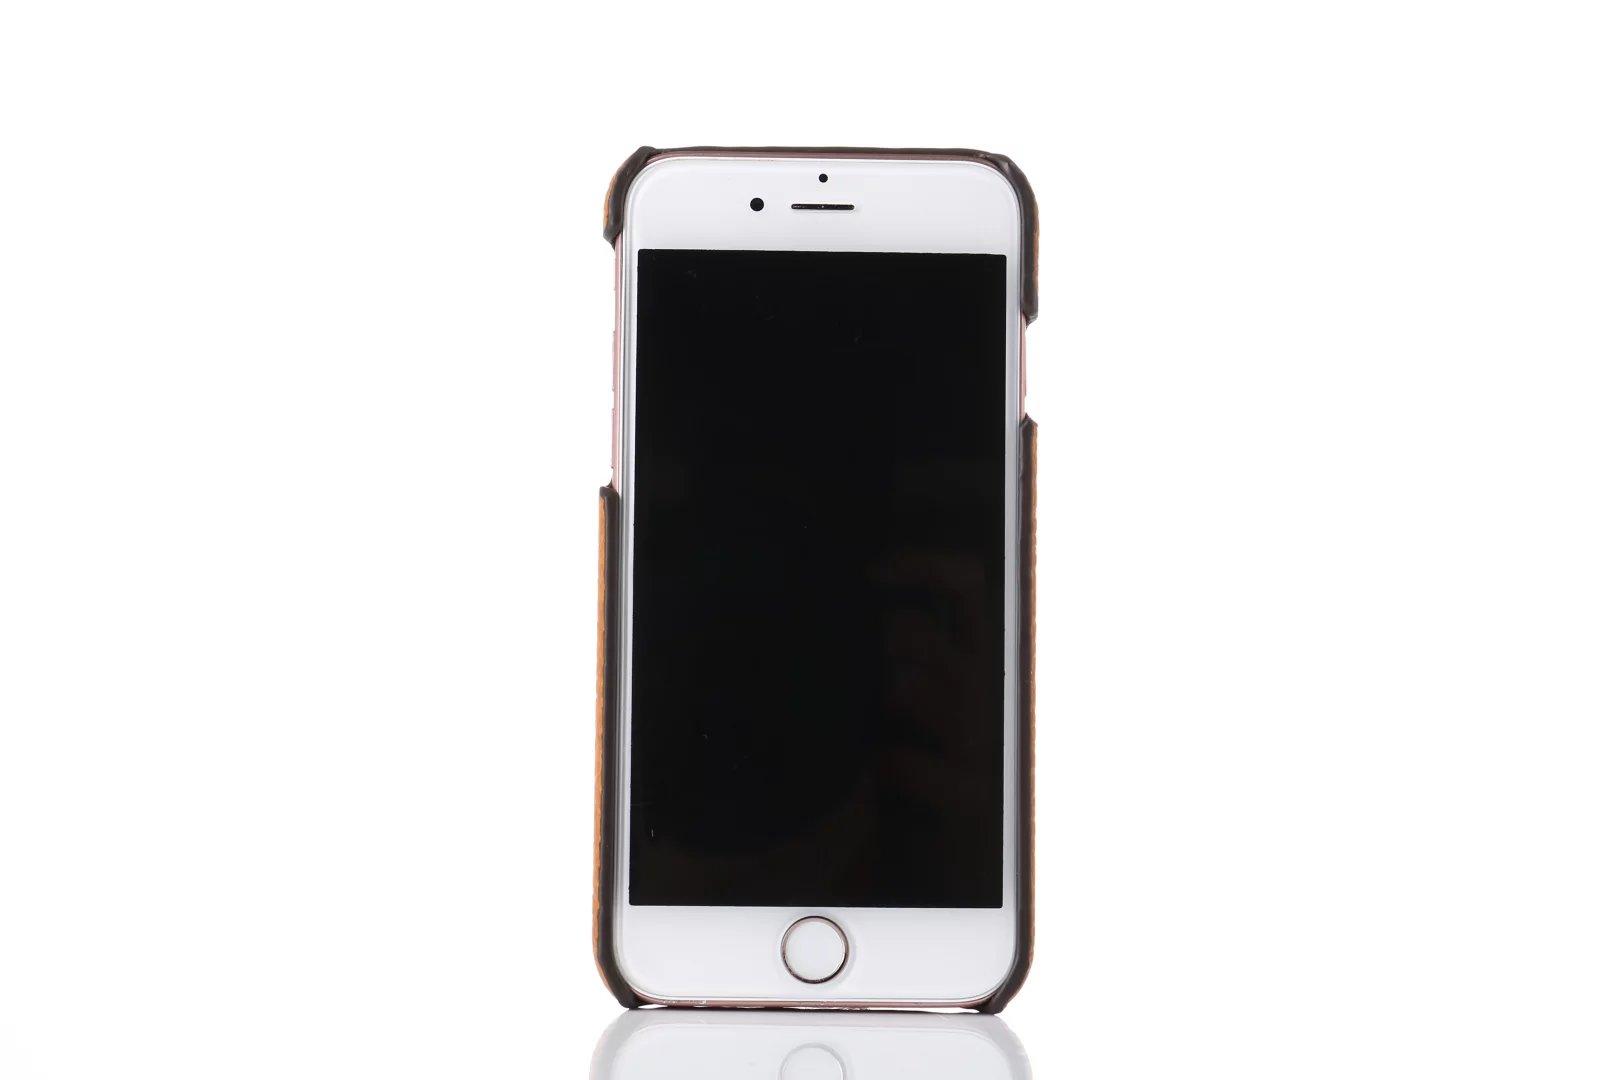 iphone 8 Plus case custom best iphone 8 Plus phone cases MCM iphone 8 Plus case custom made iPhone 8 Plus cases iphone 8 Plus 6 mophie case review phone cover designs best case for 8 Plus in case iphone